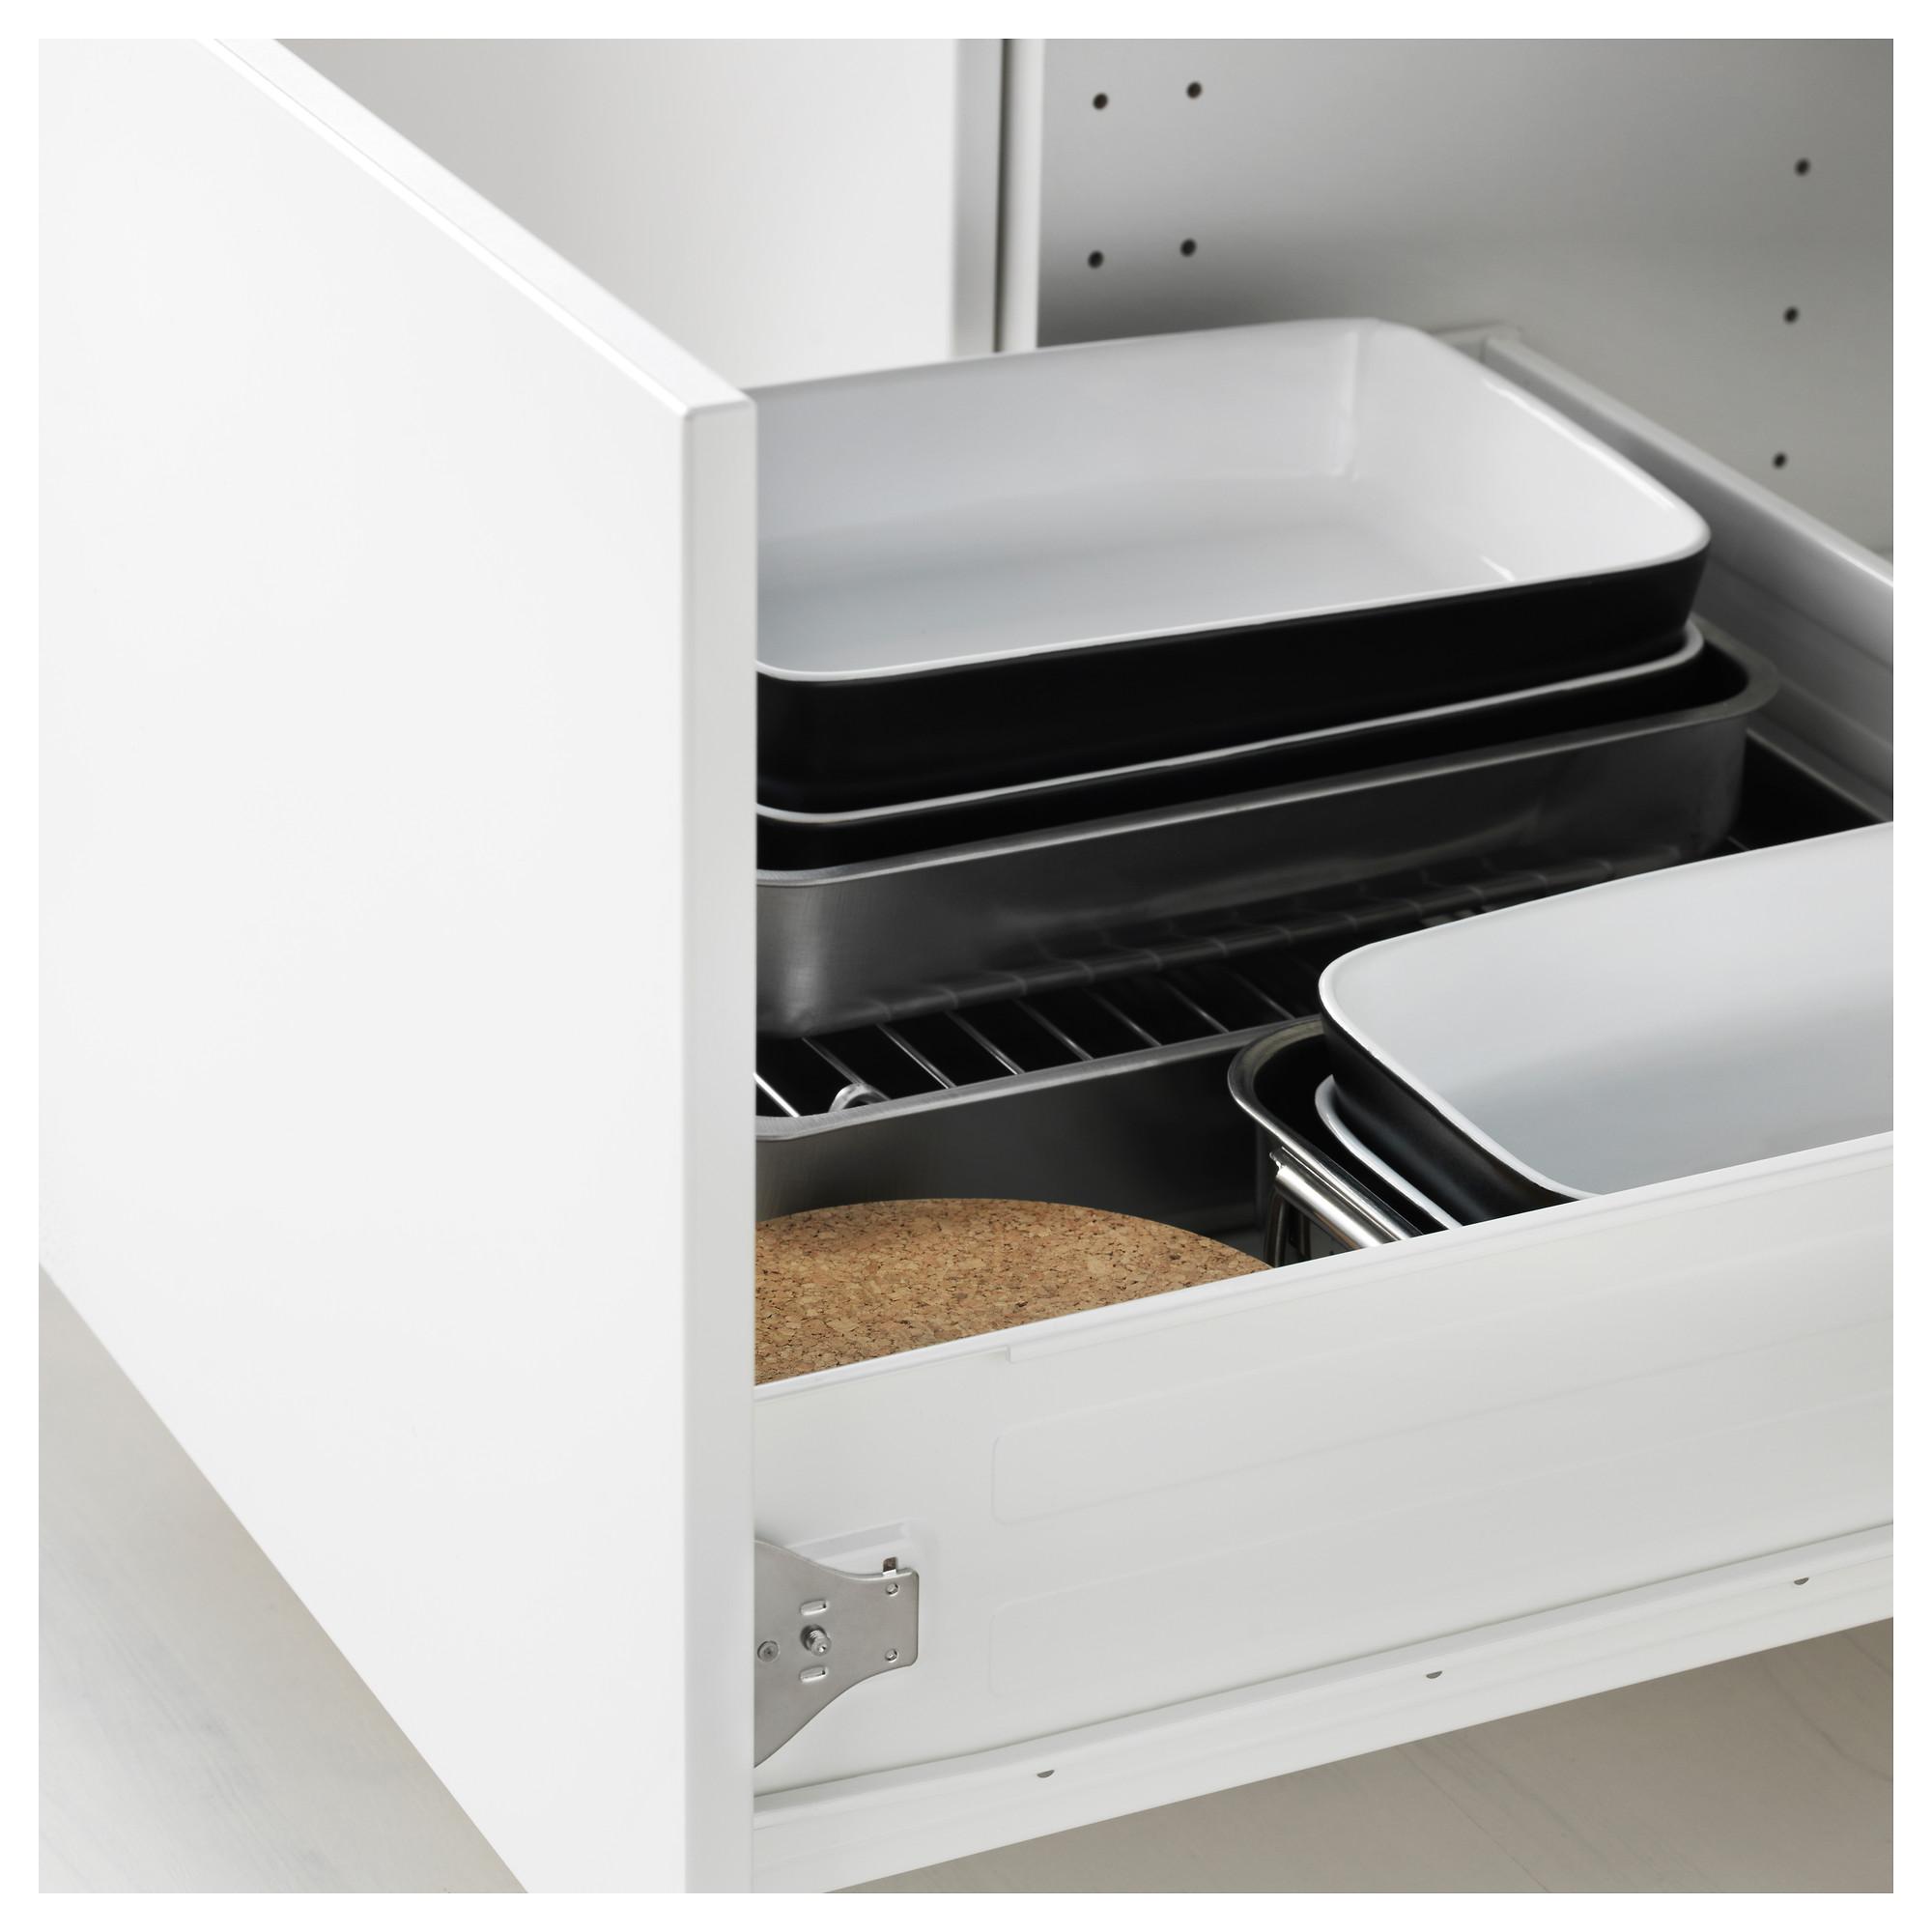 Высокий шкаф для духовки, дверца, 4 ящика МЕТОД / ФОРВАРА черный артикуль № 792.674.40 в наличии. Интернет сайт IKEA Республика Беларусь. Недорогая доставка и установка.